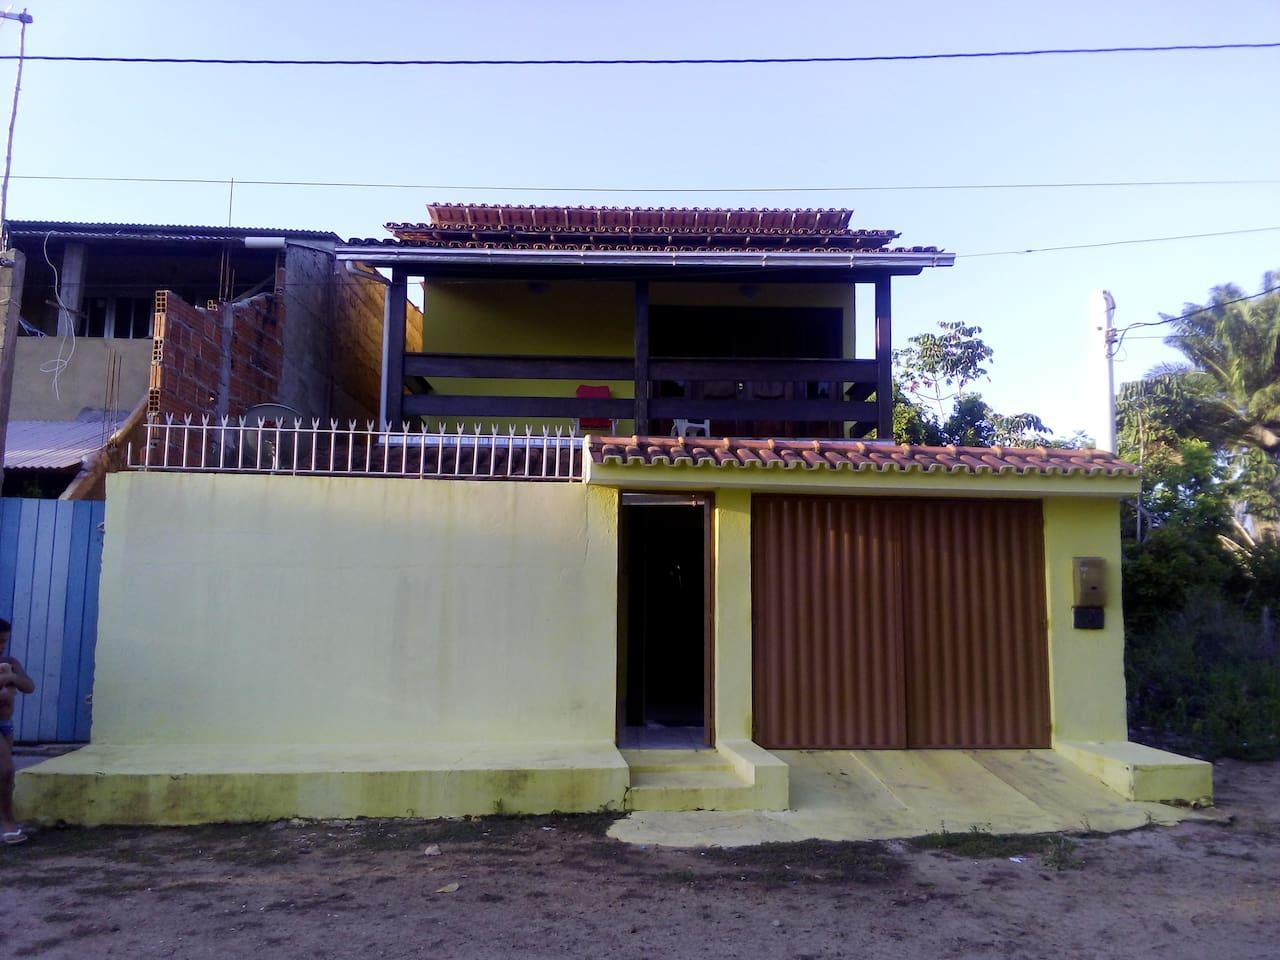 Frente da casa.